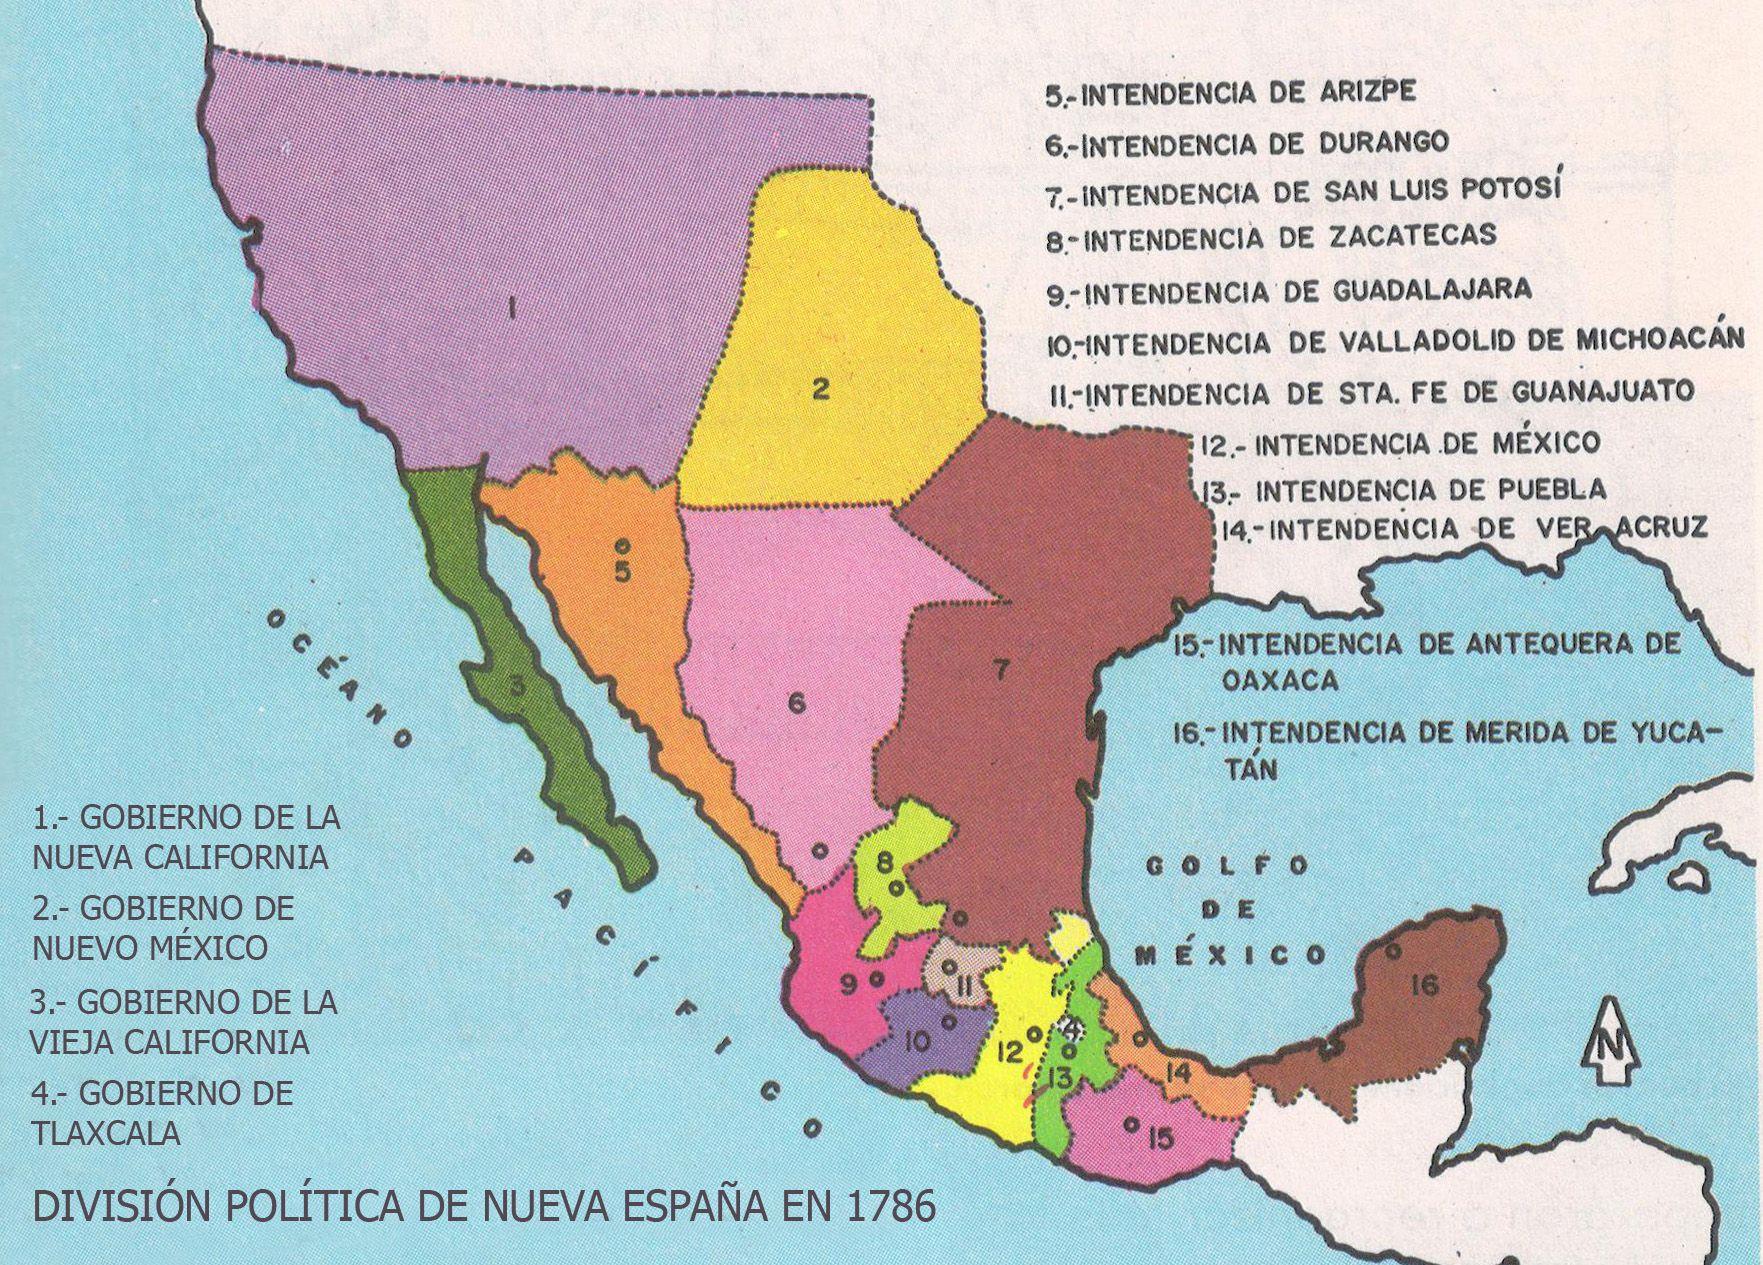 Golfo De Mexico Map.Mapa De Nueva Espana 1786 Division Politico Administrativa